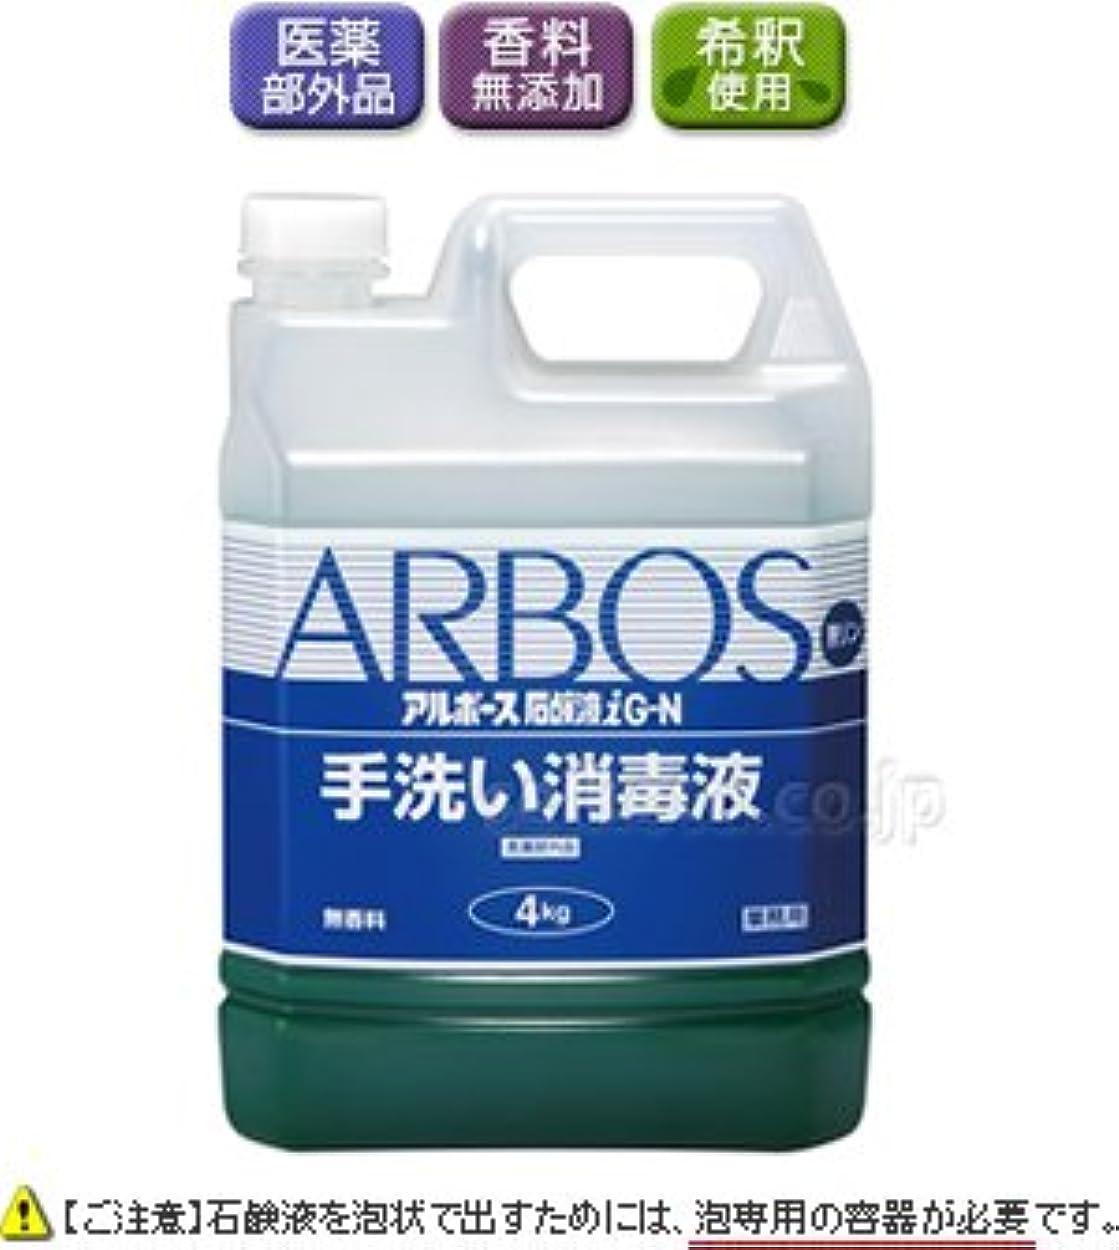 追い越す縁石ショッキング【清潔キレイ館】アルボース石鹸液iG-N(4kg×1本)